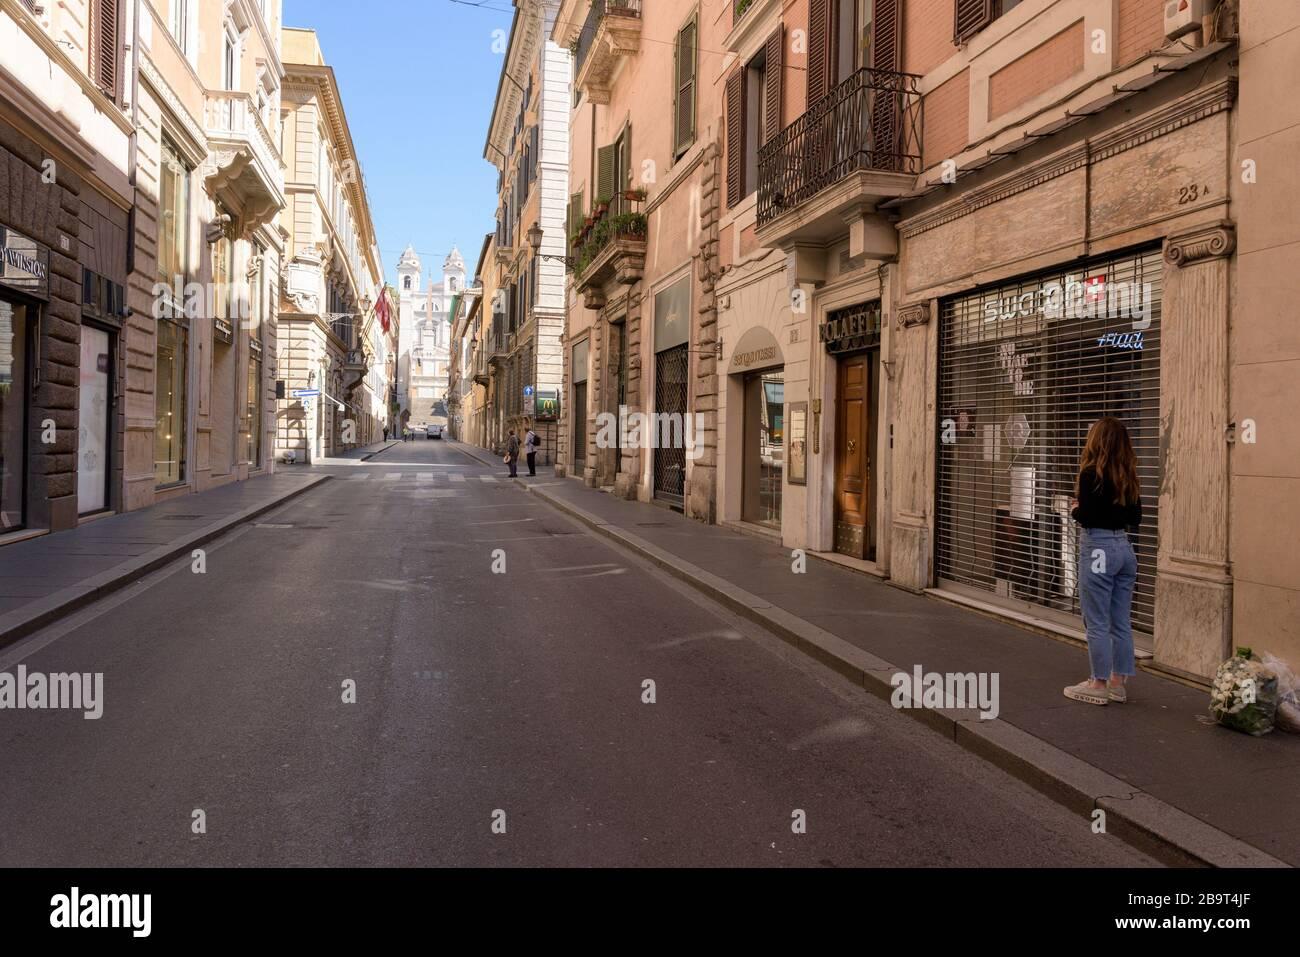 ROMA, ITALIA - 12 de marzo de 2020: Una mujer se encuentra frente a las tiendas cerradas de Via dei Condotti, junto a la Plaza de España, Roma, Italia. Uno debe justificar el Foto de stock